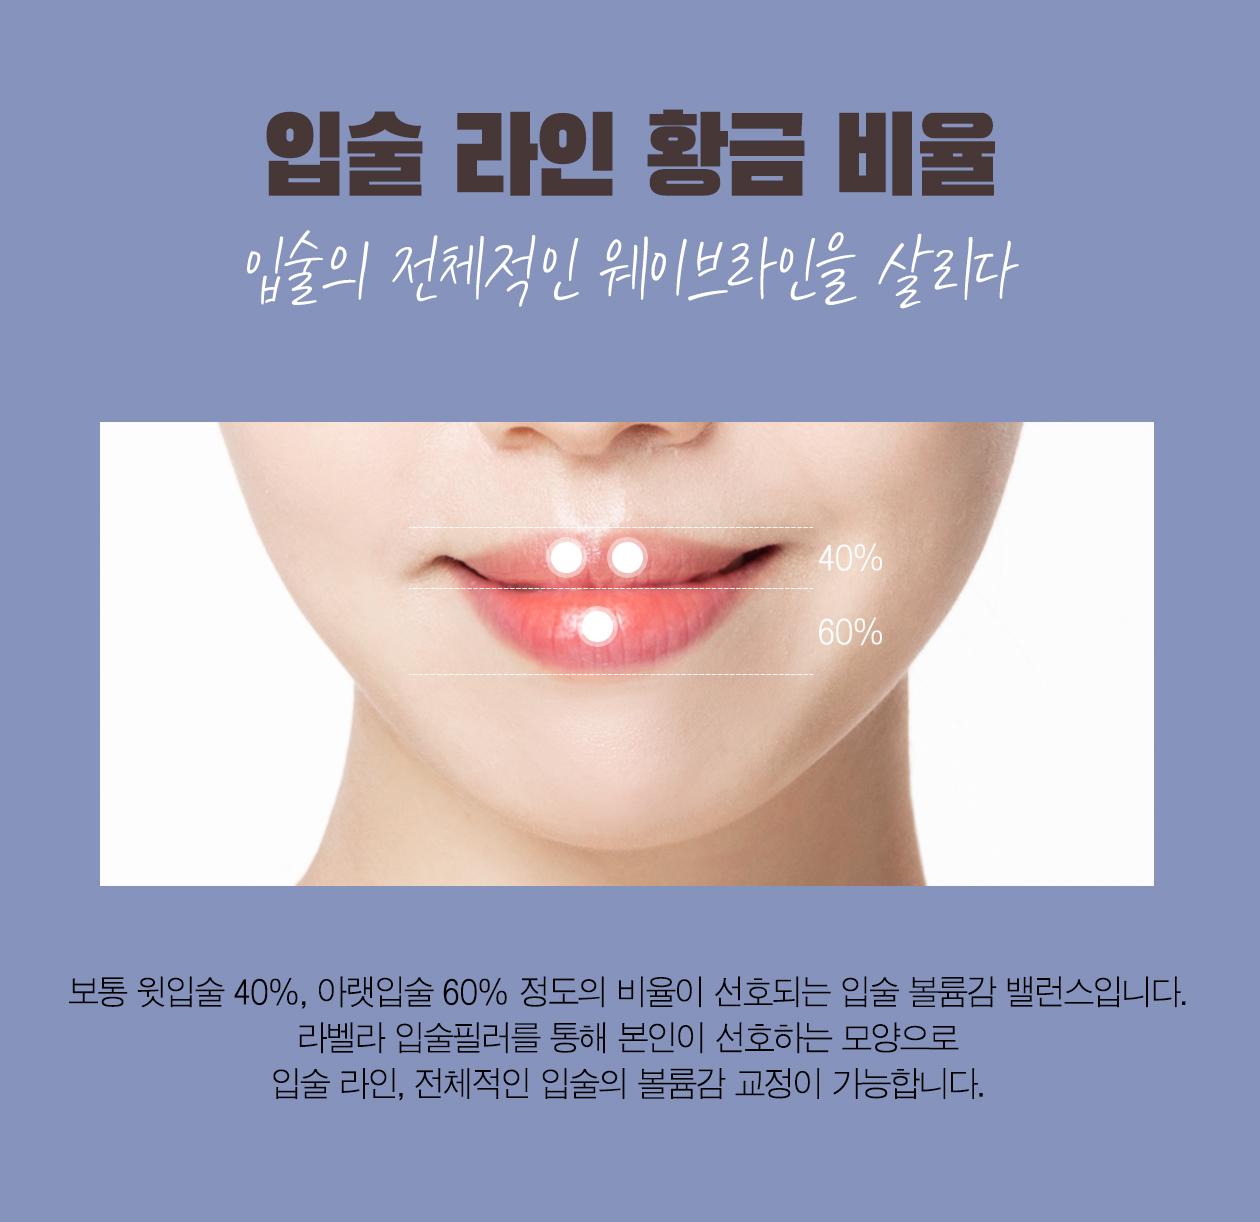 강남 신논현역 피부과 성형외과 라벨라 보통 윗입술 40%, 아랫입술 60% 정도의 비율이 선호되는 입술 볼륨감 밸런스입니다. 라벨라 입술필러를 통해 본인이 선호하는 모양으로 입술 라인, 전체적인 입술의 볼륨감 교정이 가능합니다.